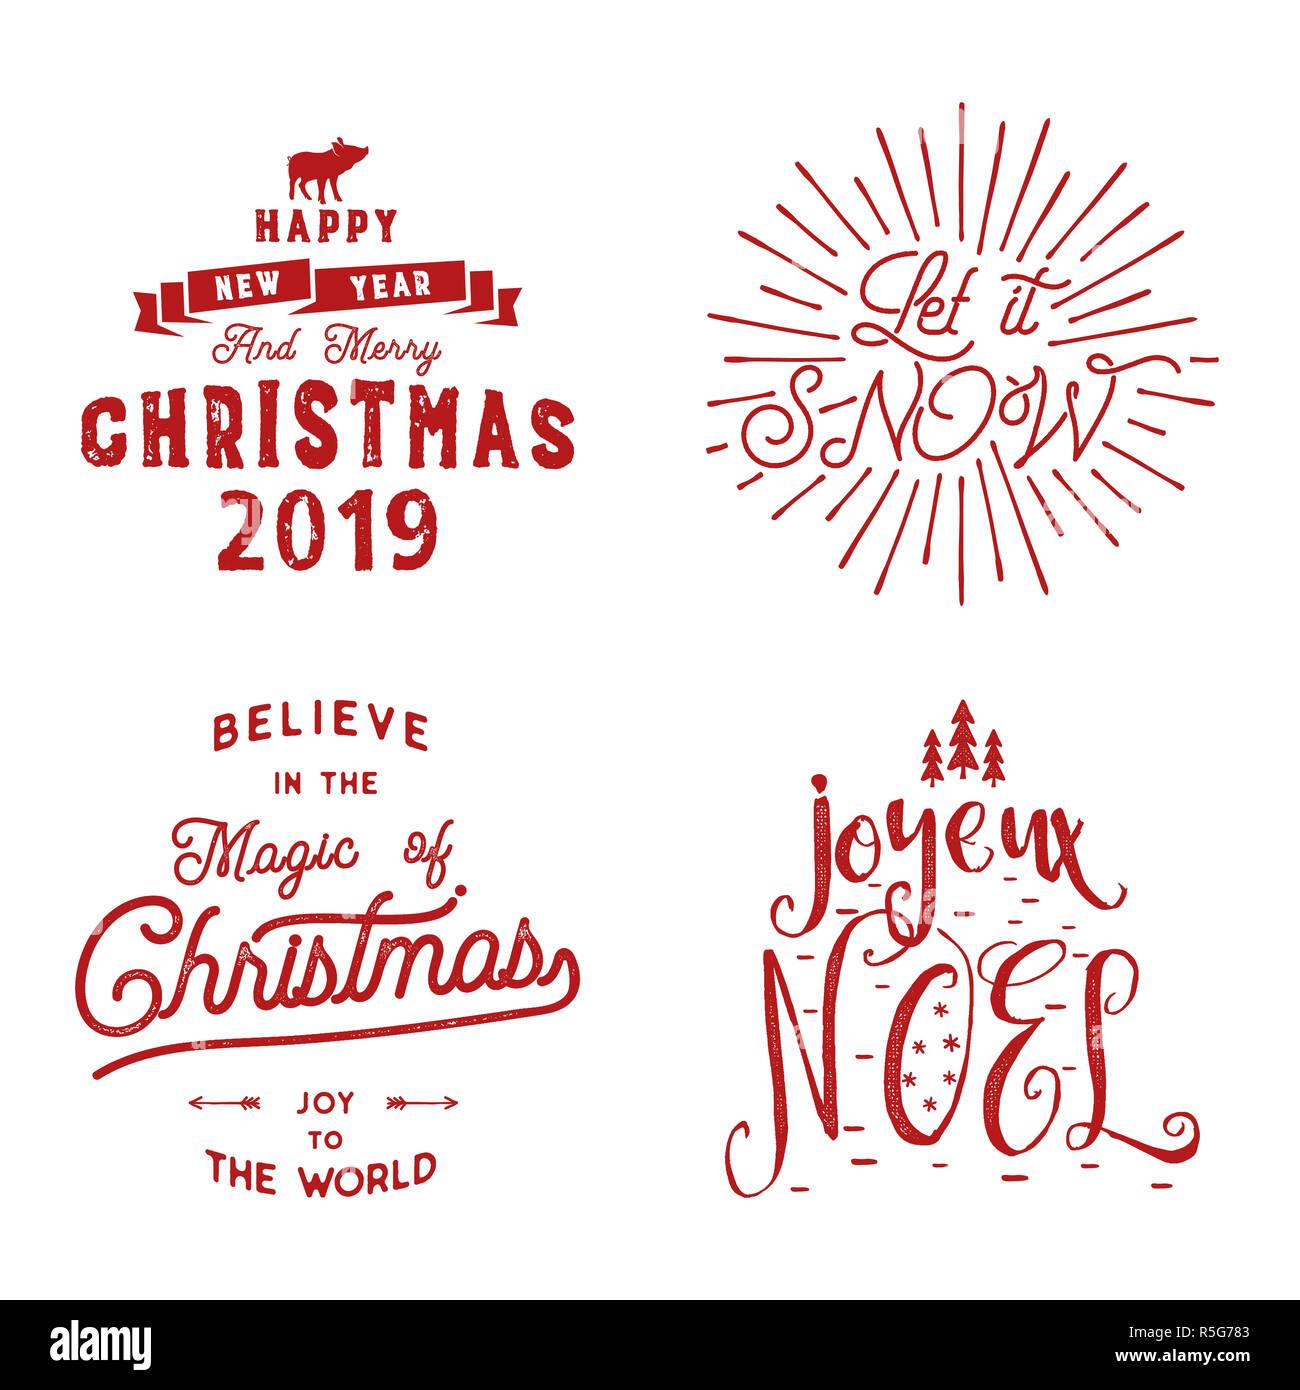 Feliz Navidad Joyeux Noel 2019.Joyeux Noel Merry Stock Photos Joyeux Noel Merry Stock